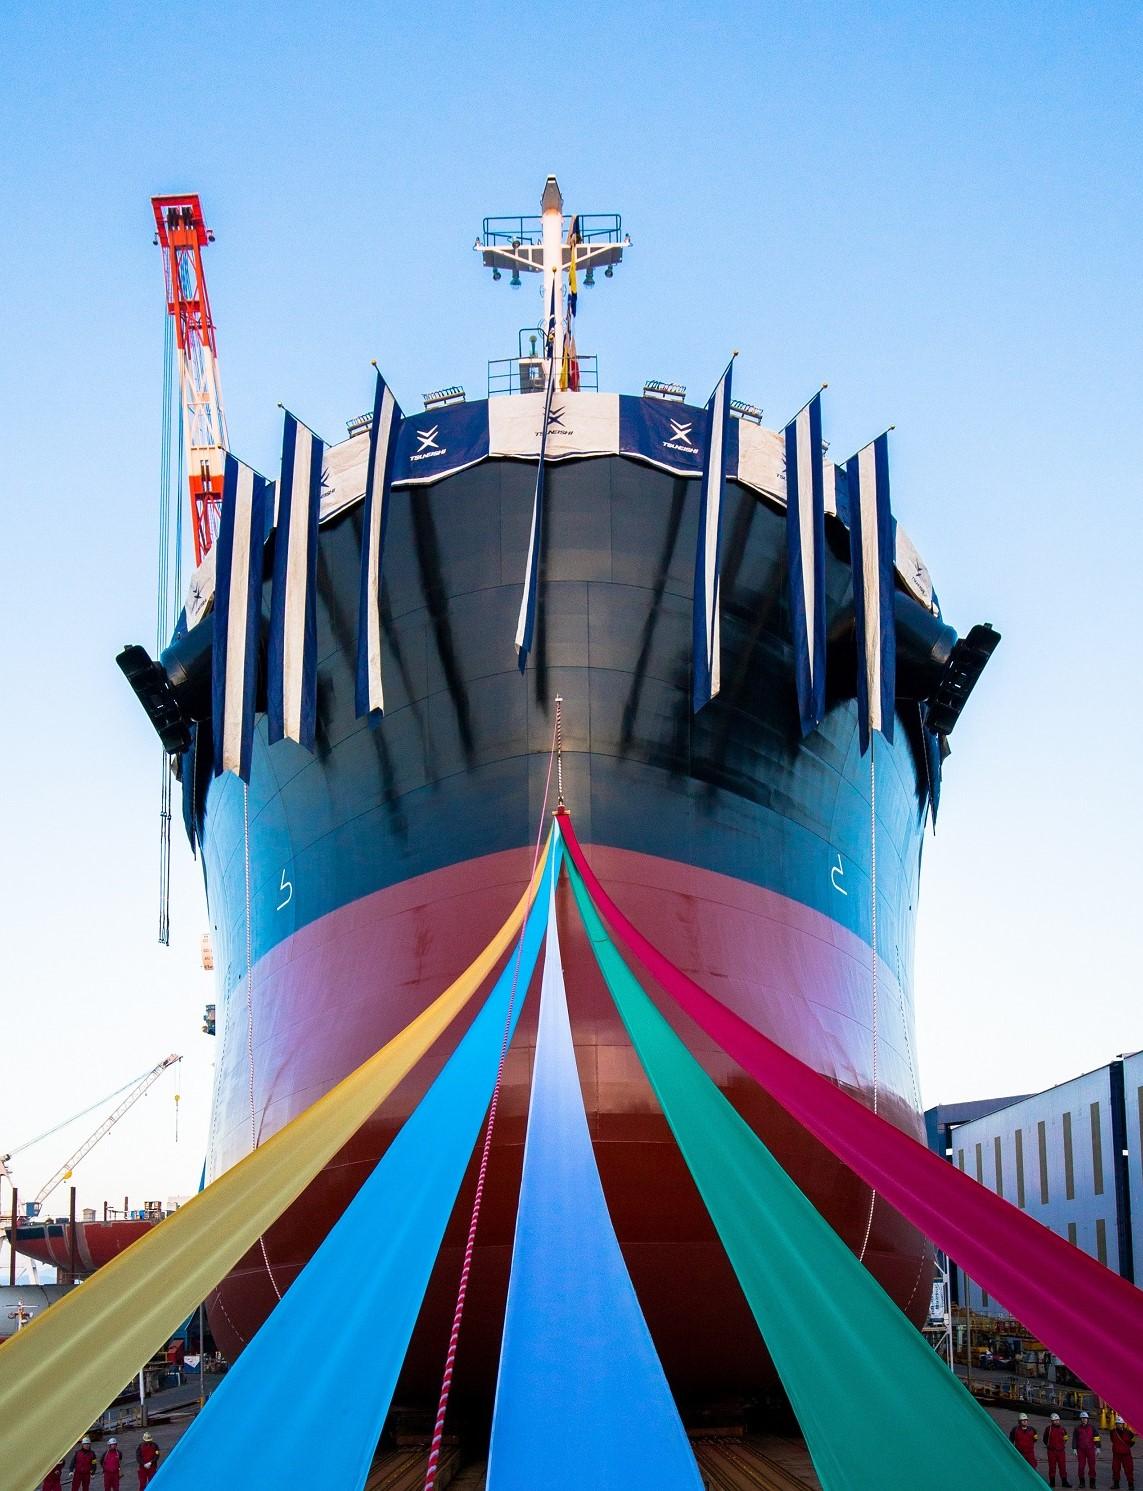 2017年6月26日、6万トン級バルカーの進水式をライブ中継〜常石造船 広島県福山市 常石工場 第一船台